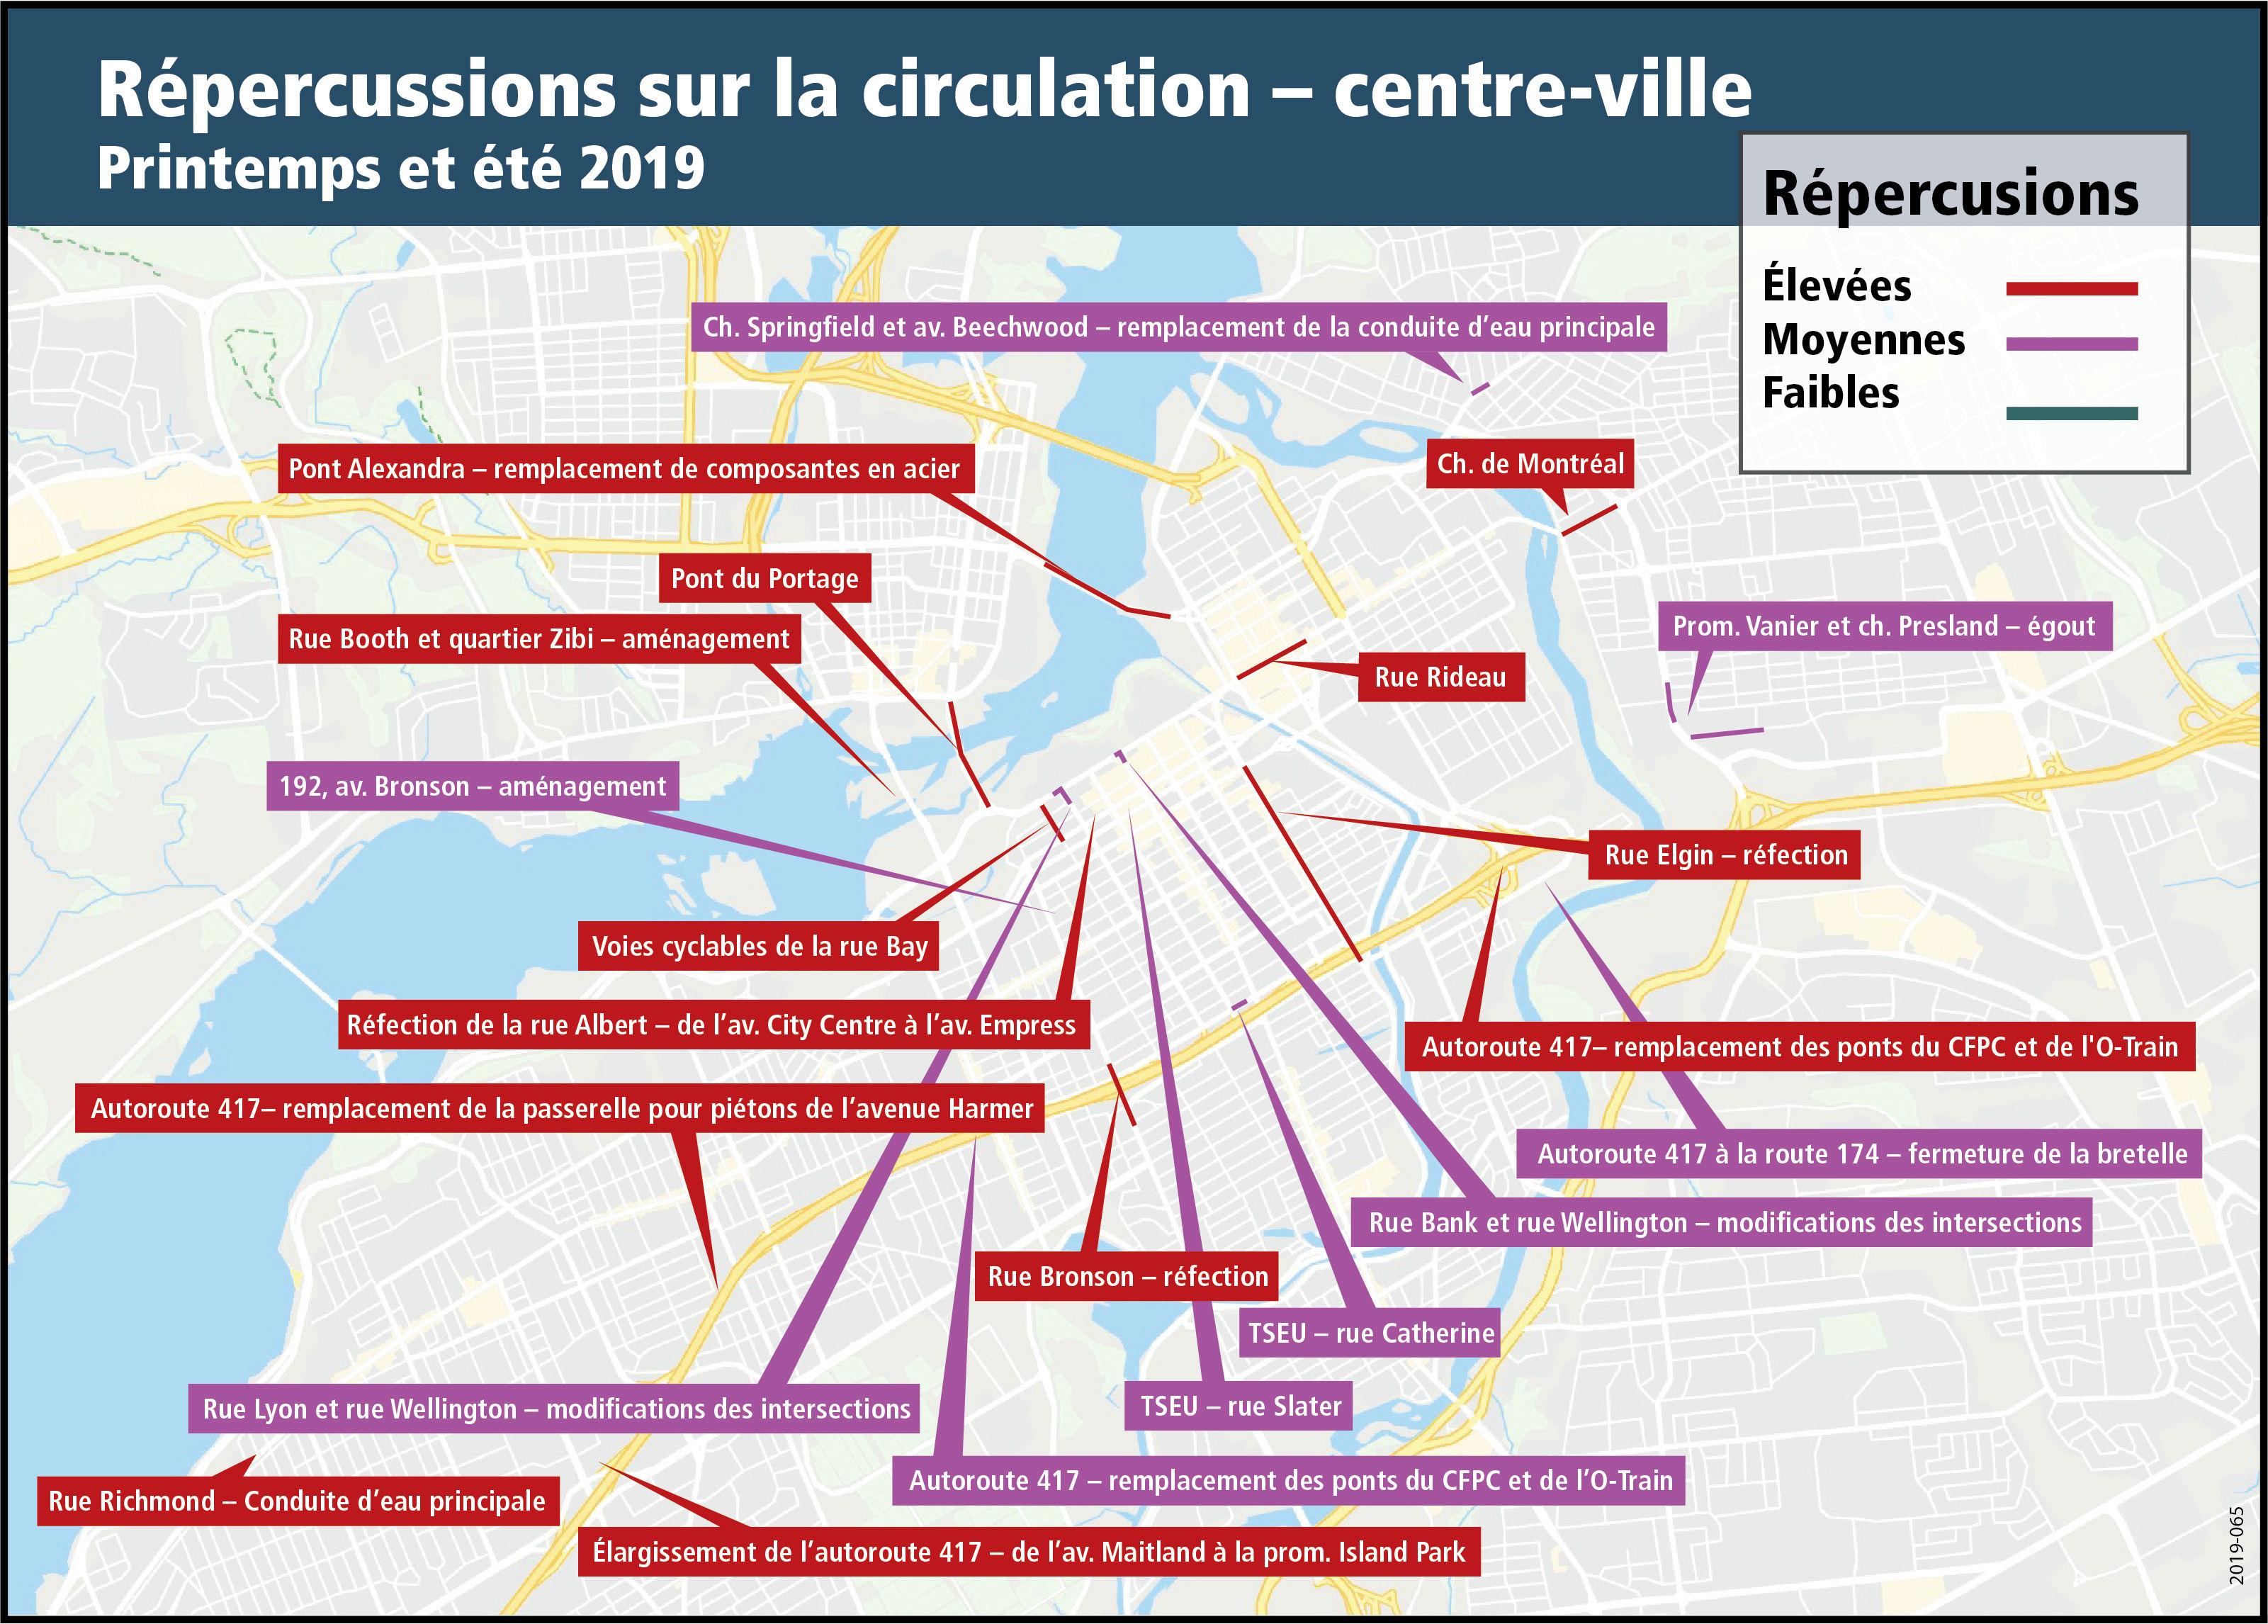 Une carte illustre les perturbations prévues de la circulation (faibles, modérées et importantes) au printemps et à l'été 2019, en raison des travaux au centre-ville d'Ottawa.